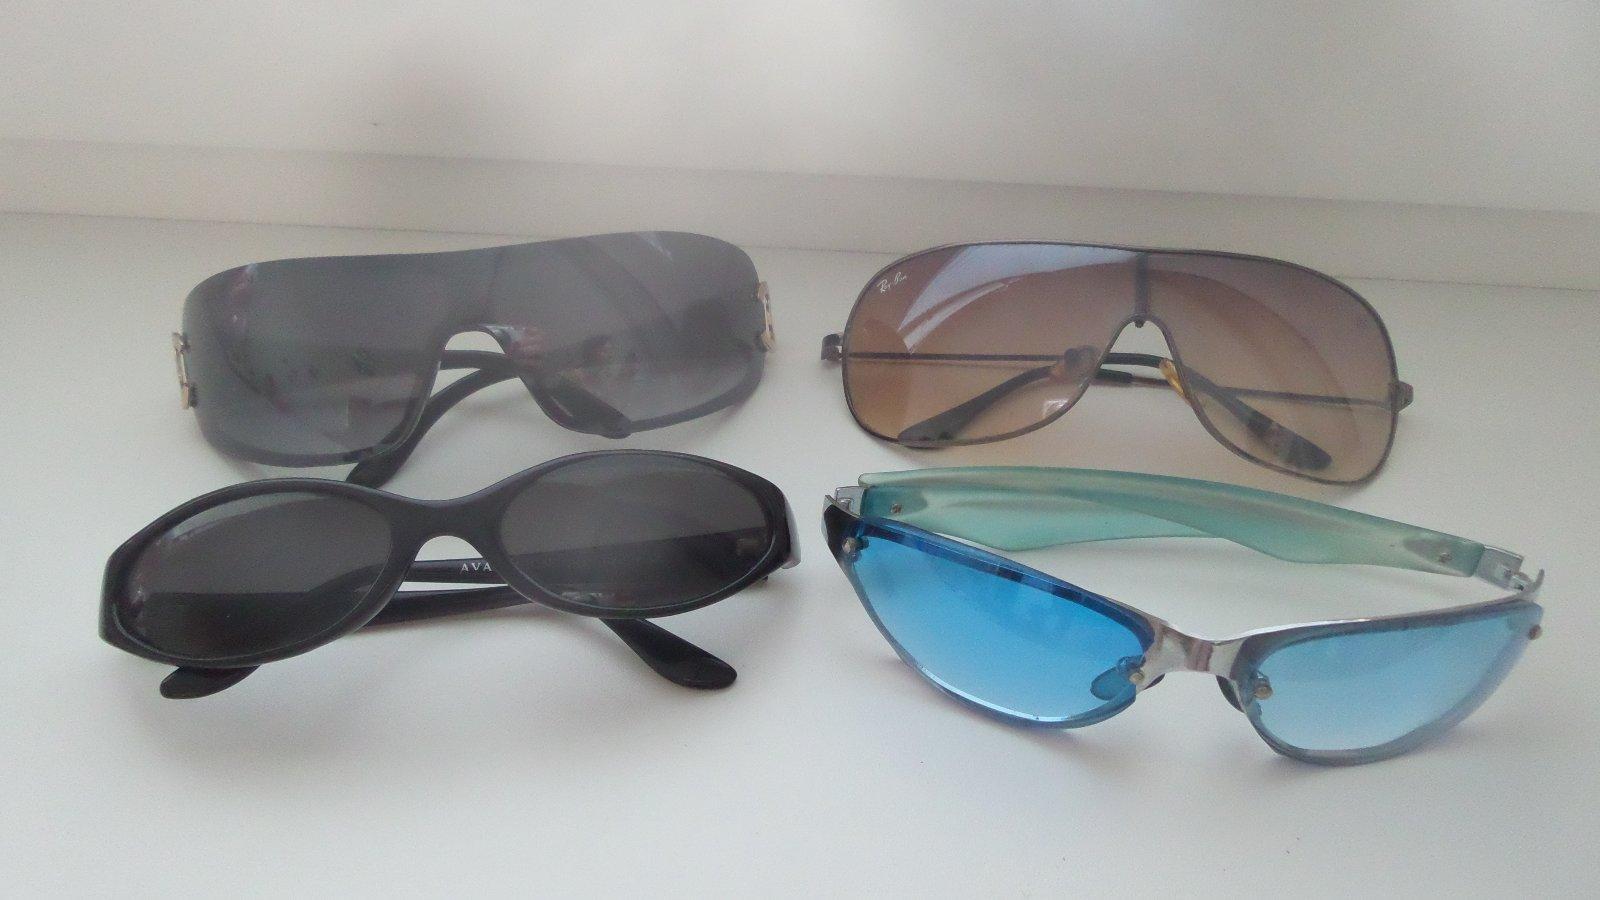 8f2da4bd0743b Dámske slnečné okuliare, - 4 € od predávajúcej nikush29 | Detský ...